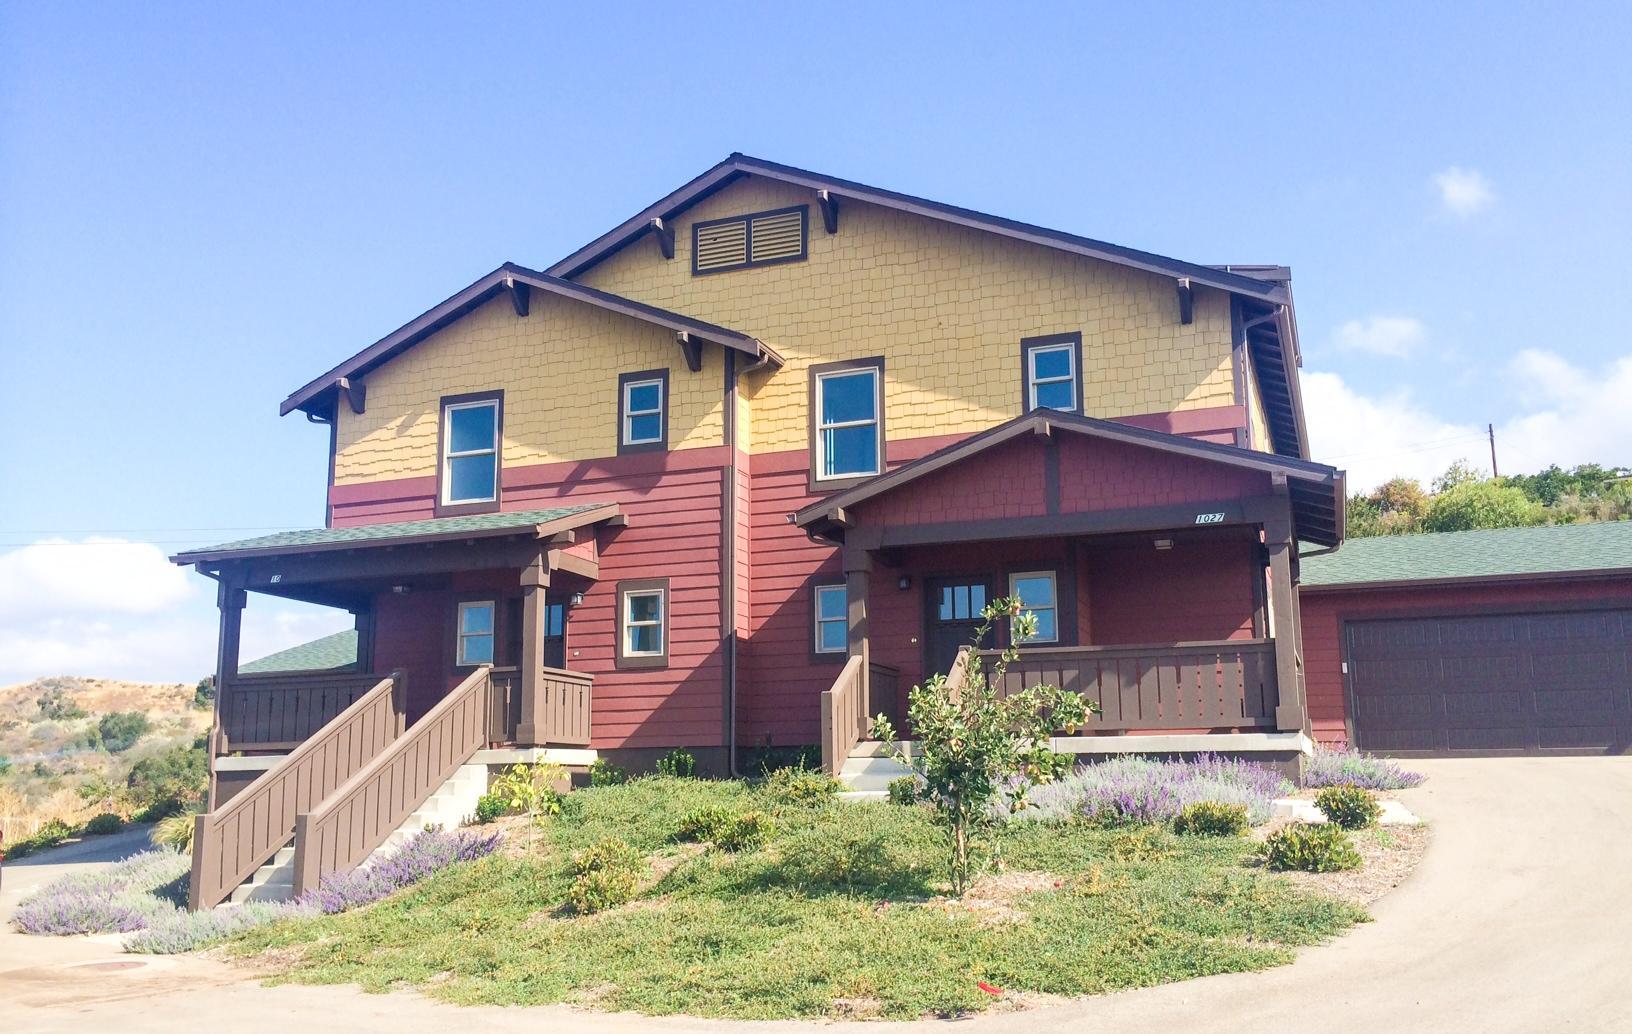 Property photo for 1027 Cieneguitas Rd Santa Barbara, California 93110 - 15-2240